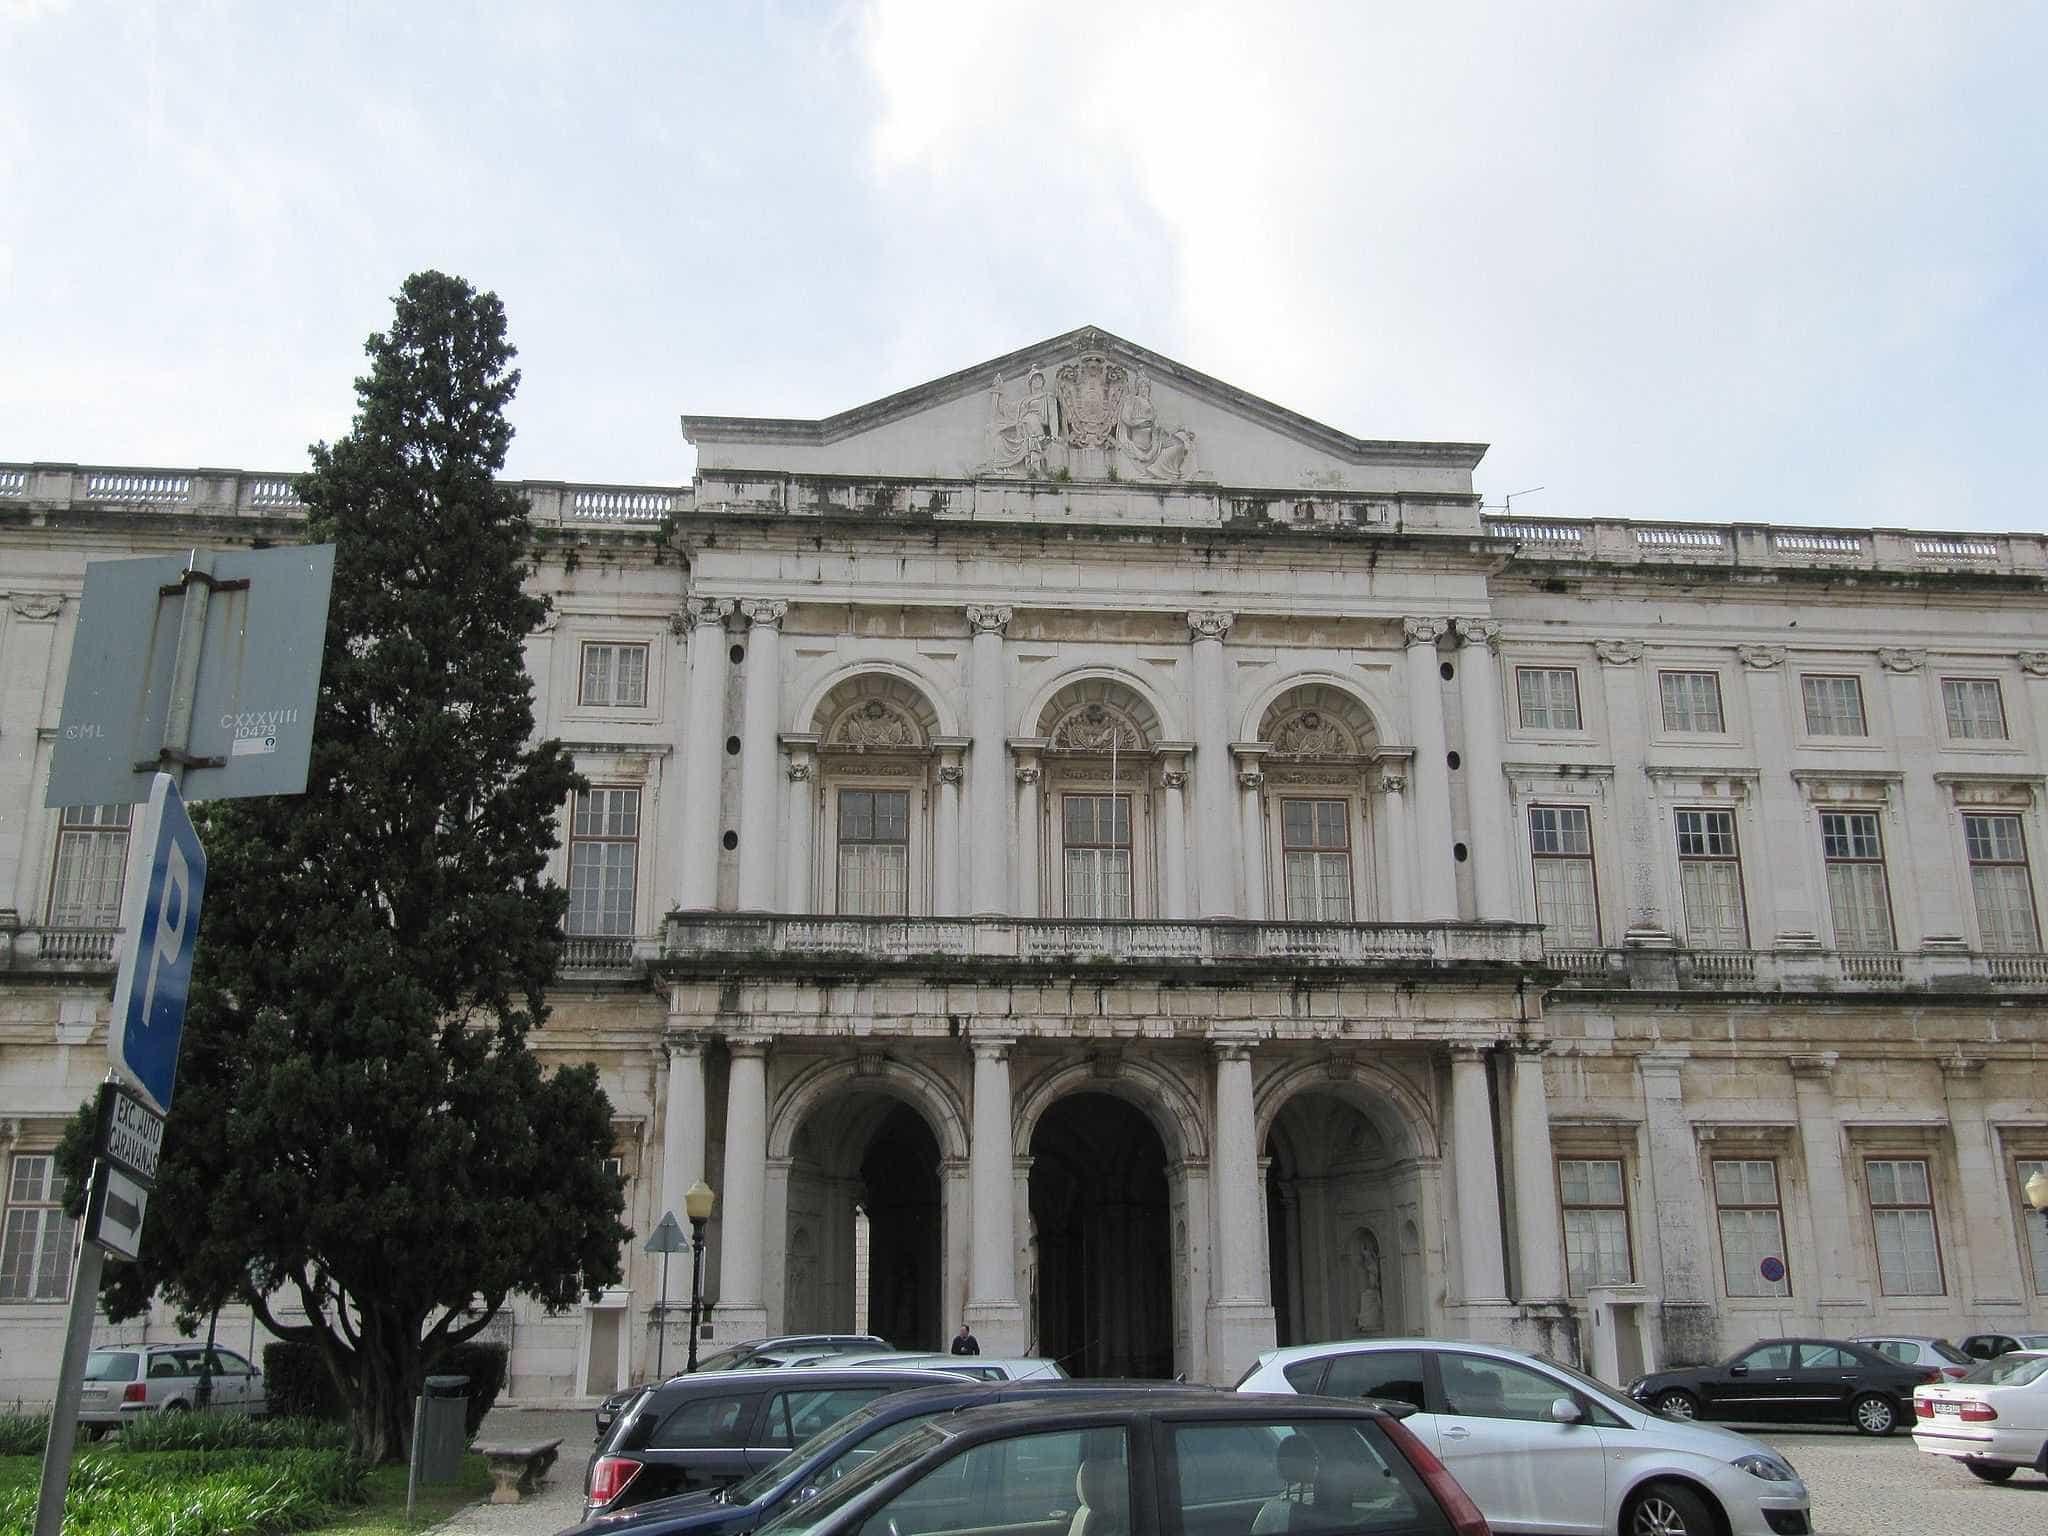 Exposição evoca relações entre Portugal e Japão no Palácio da Ajuda